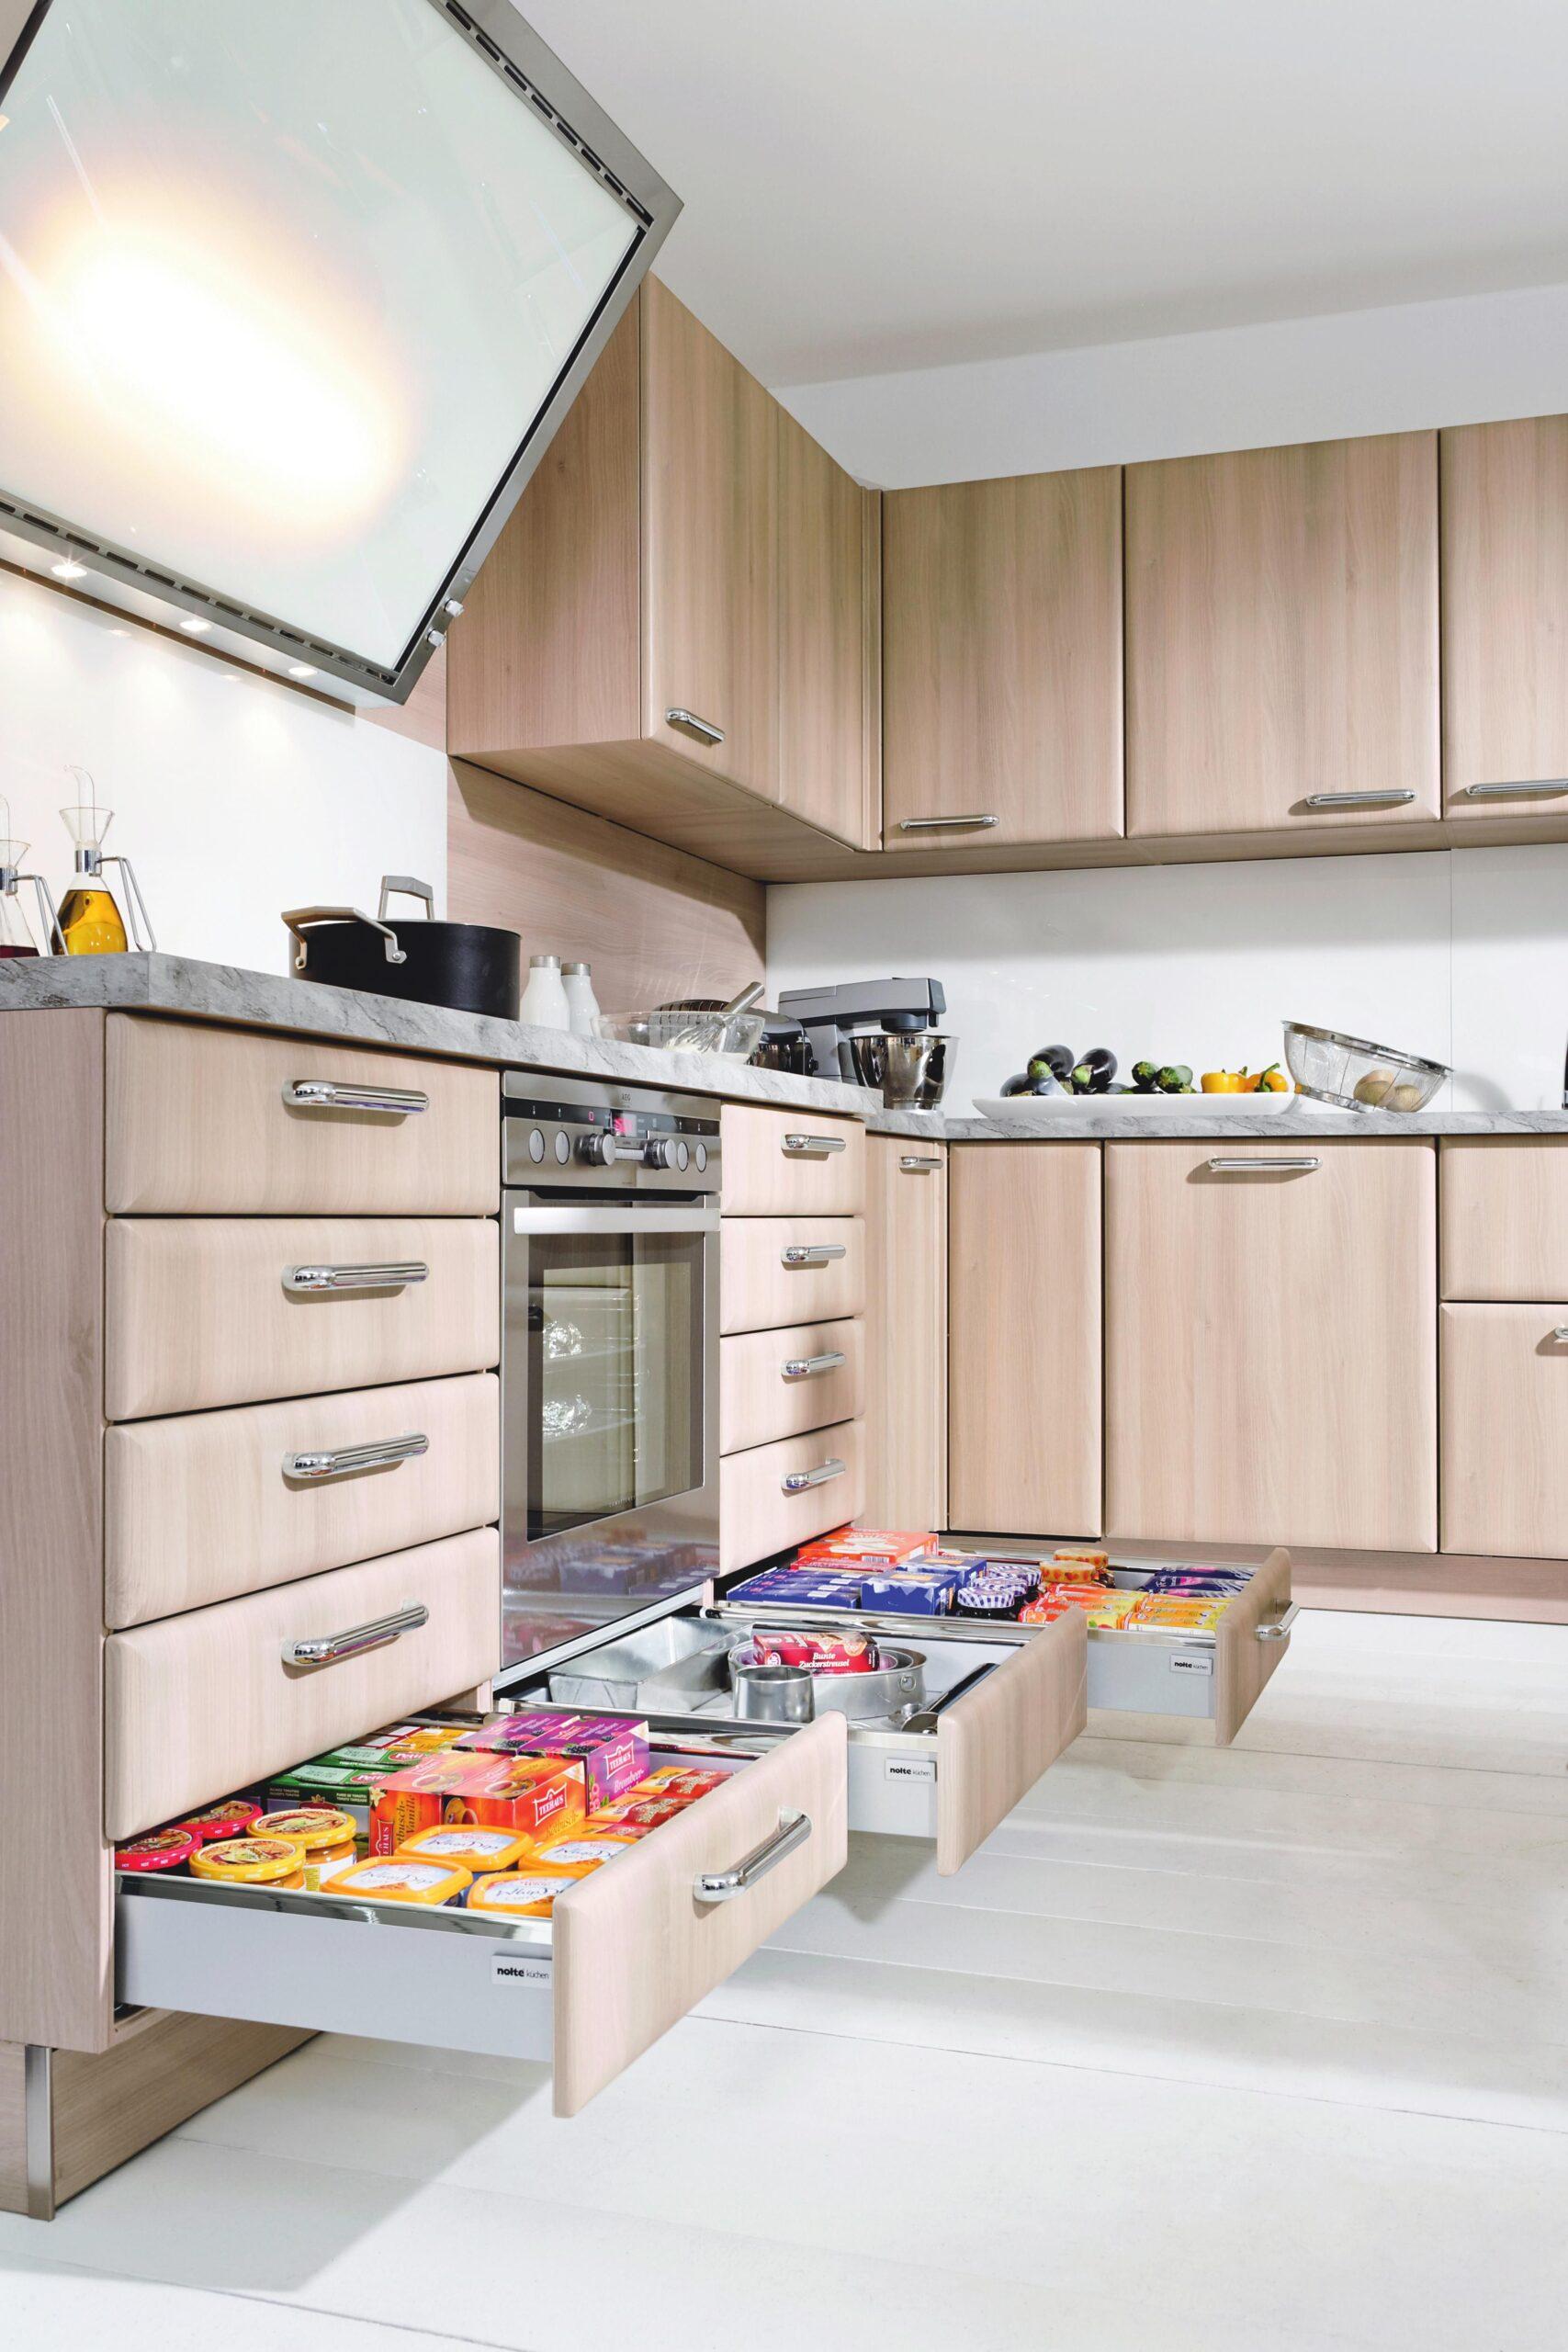 Full Size of Nobilia Jalousieschrank Nolte Kuchen Aufsatzschrank Mit Jalousie Küche Einbauküche Wohnzimmer Nobilia Jalousieschrank